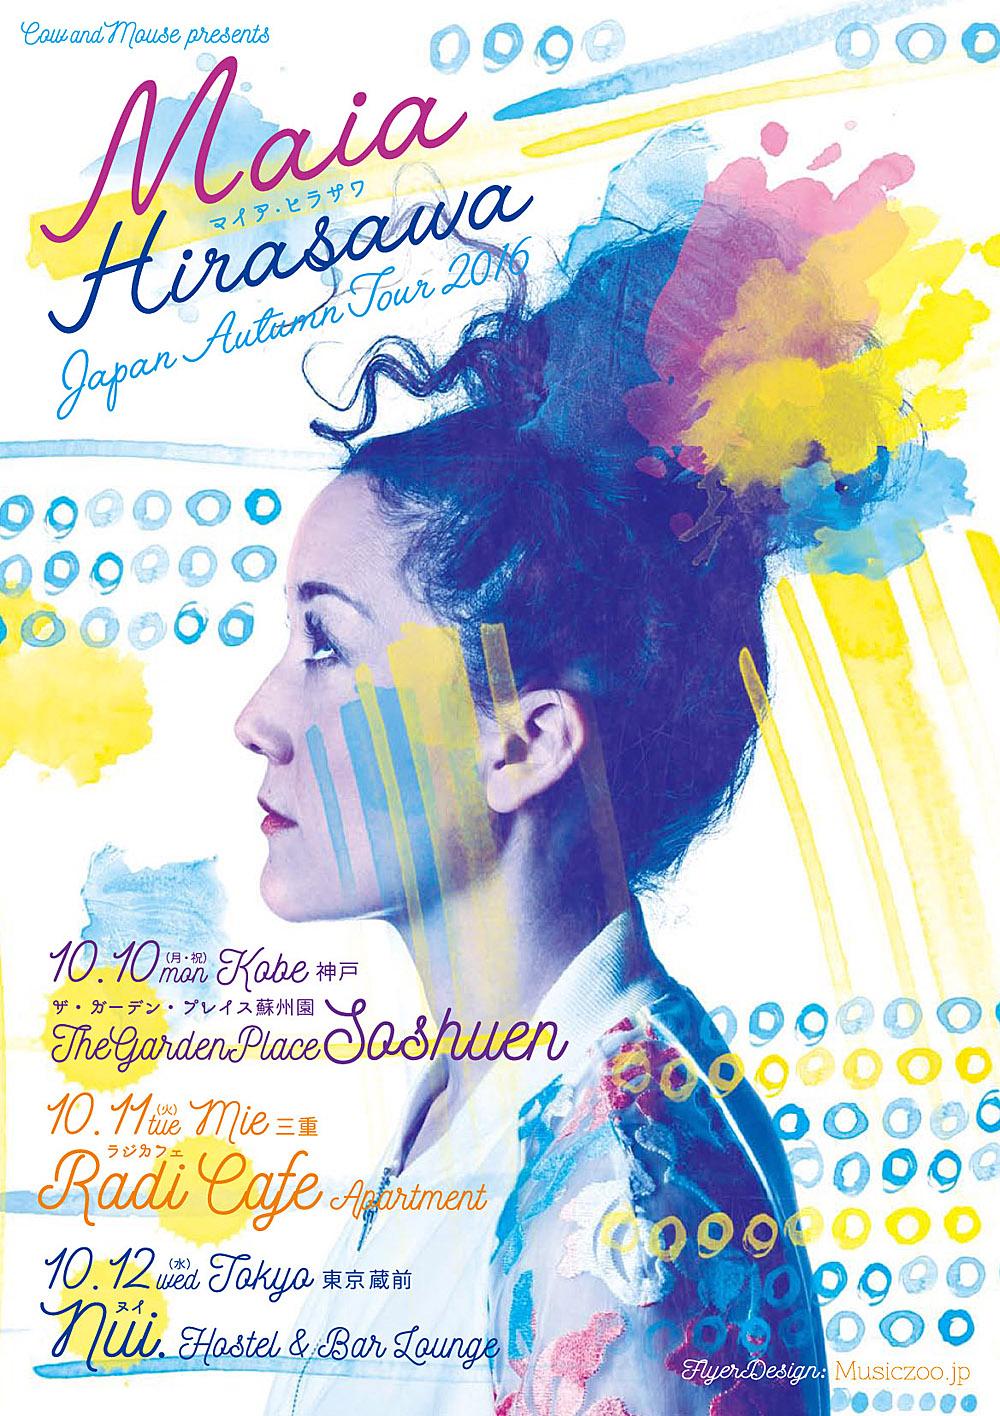 MAIA HIRASAWA JAPAN AUTUMN TOUR 2016